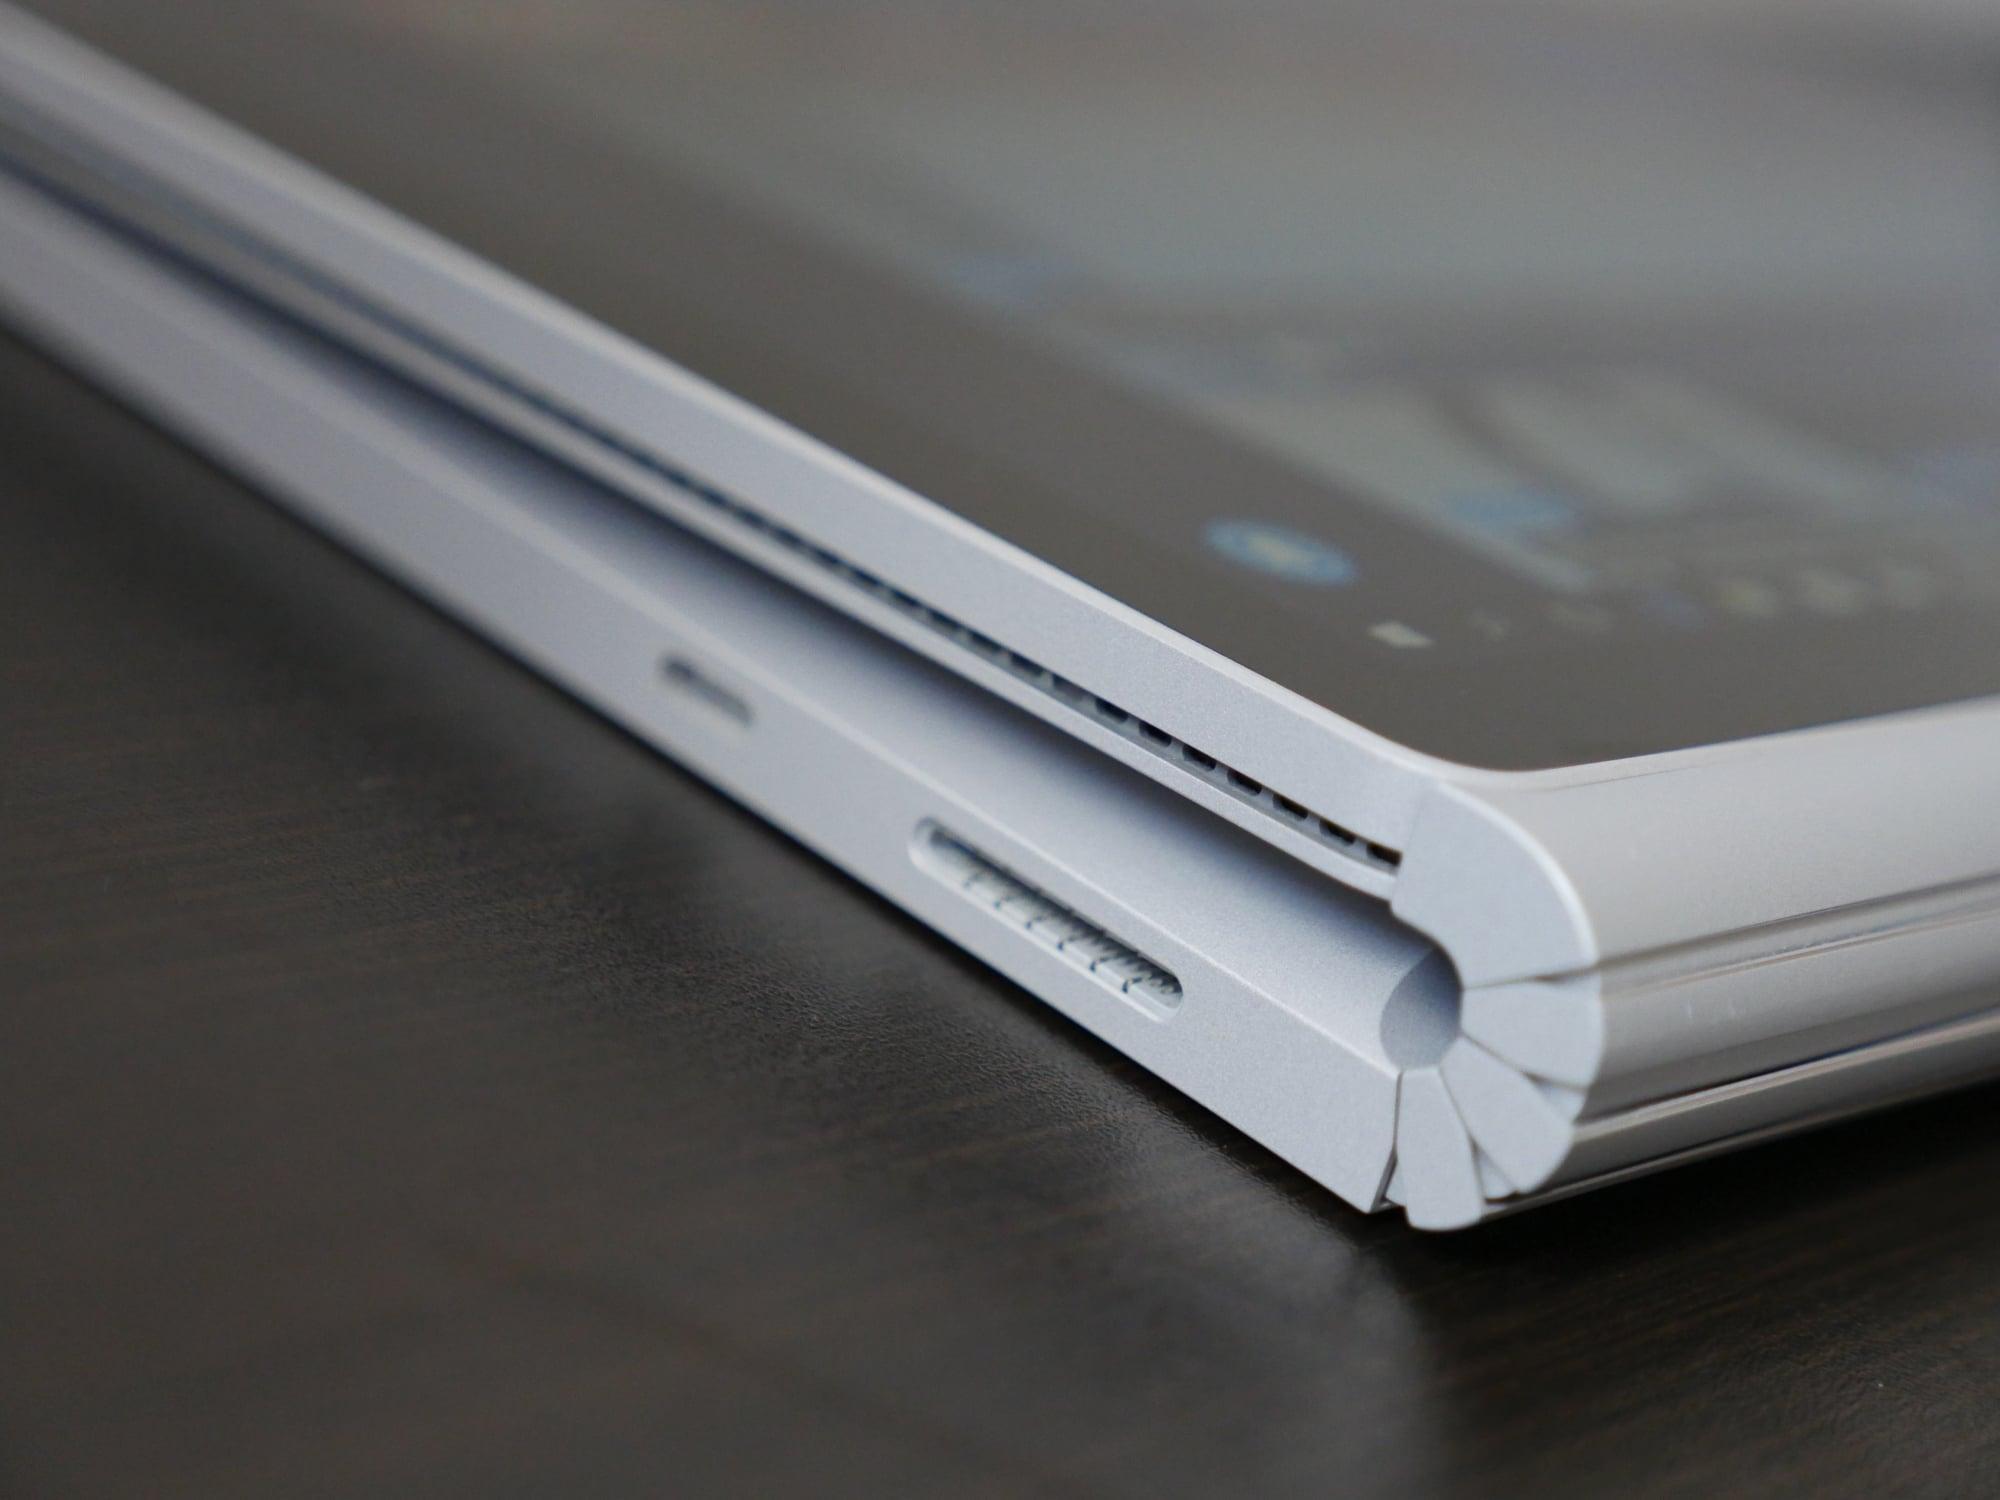 Wyczekuję: Microsoft podobno przygotowuje się do premiery Surface Book 3 i Surface Go 2 26